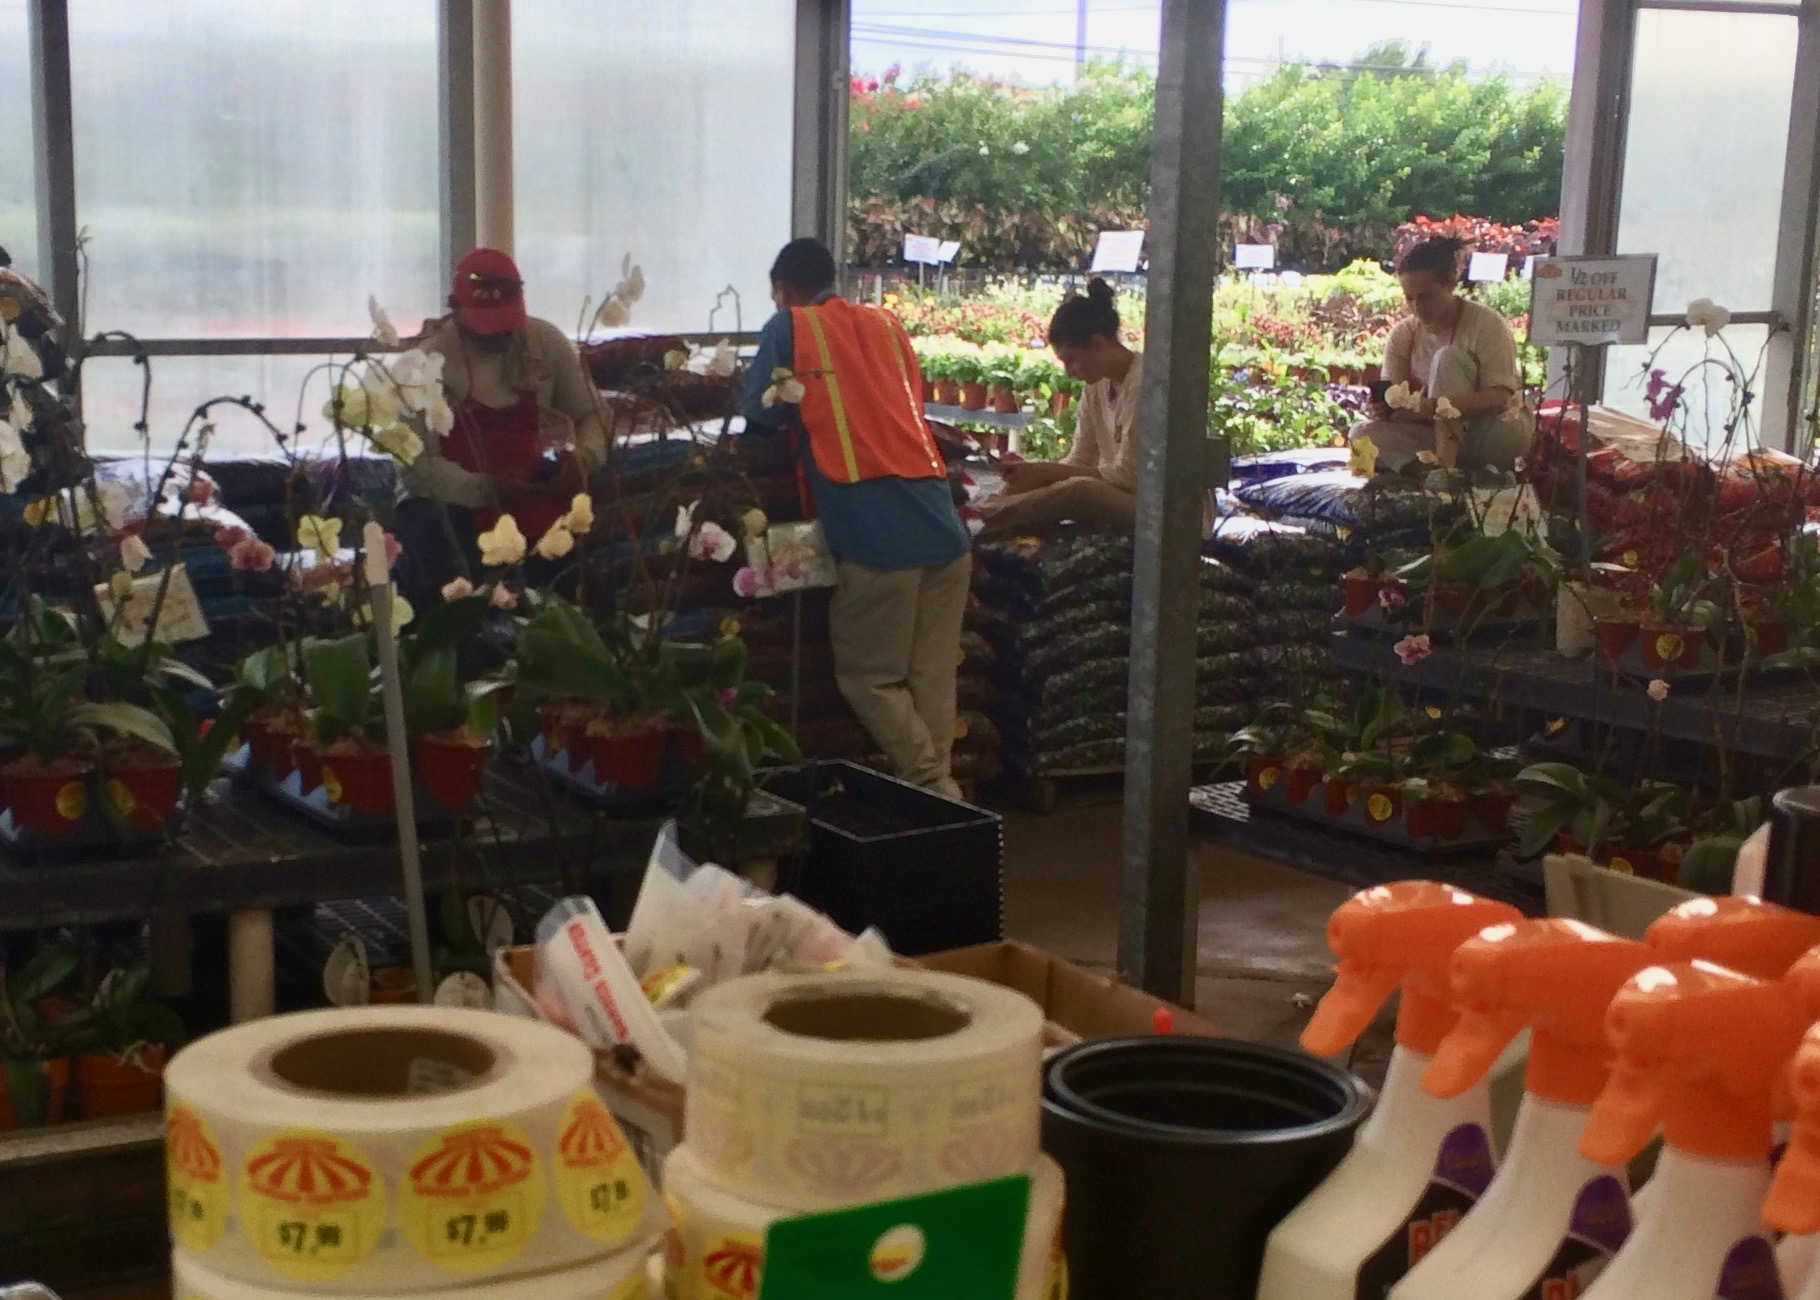 houston garden centers 2811 airline dr houston tx 77009 ypcom - Houston Garden